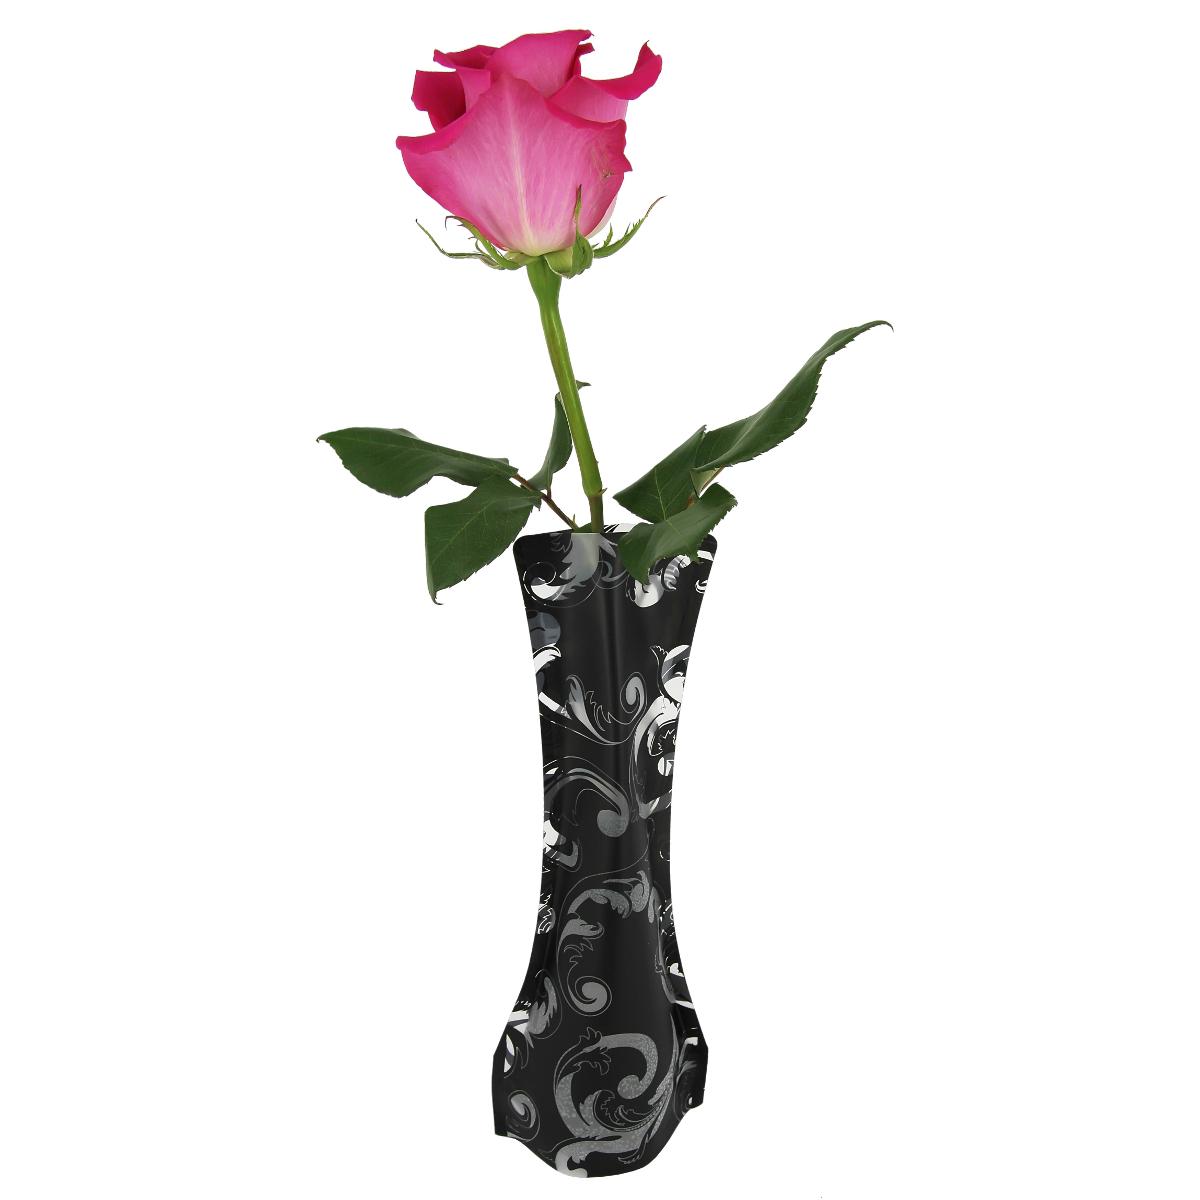 Ваза МастерПроф Зимний узор, пластичная, 0,4 л ваза мастерпроф черная орхидея пластичная 1 л